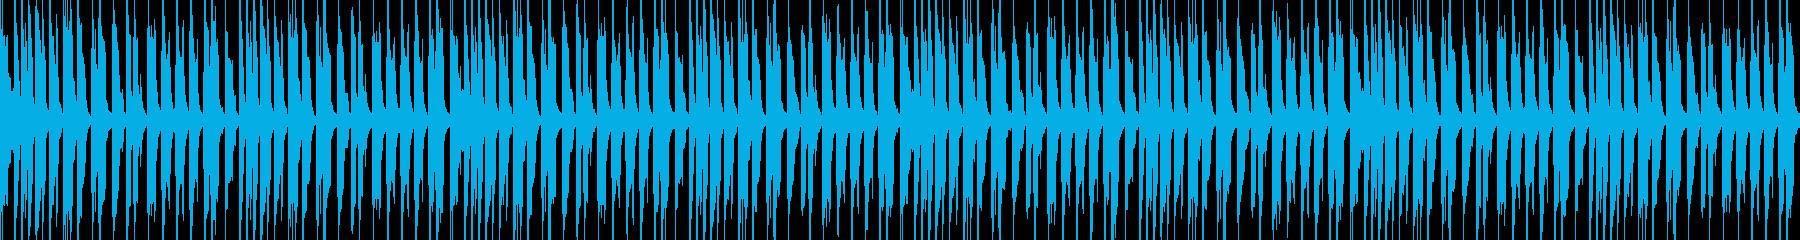 軽快で陽気なBGMの再生済みの波形